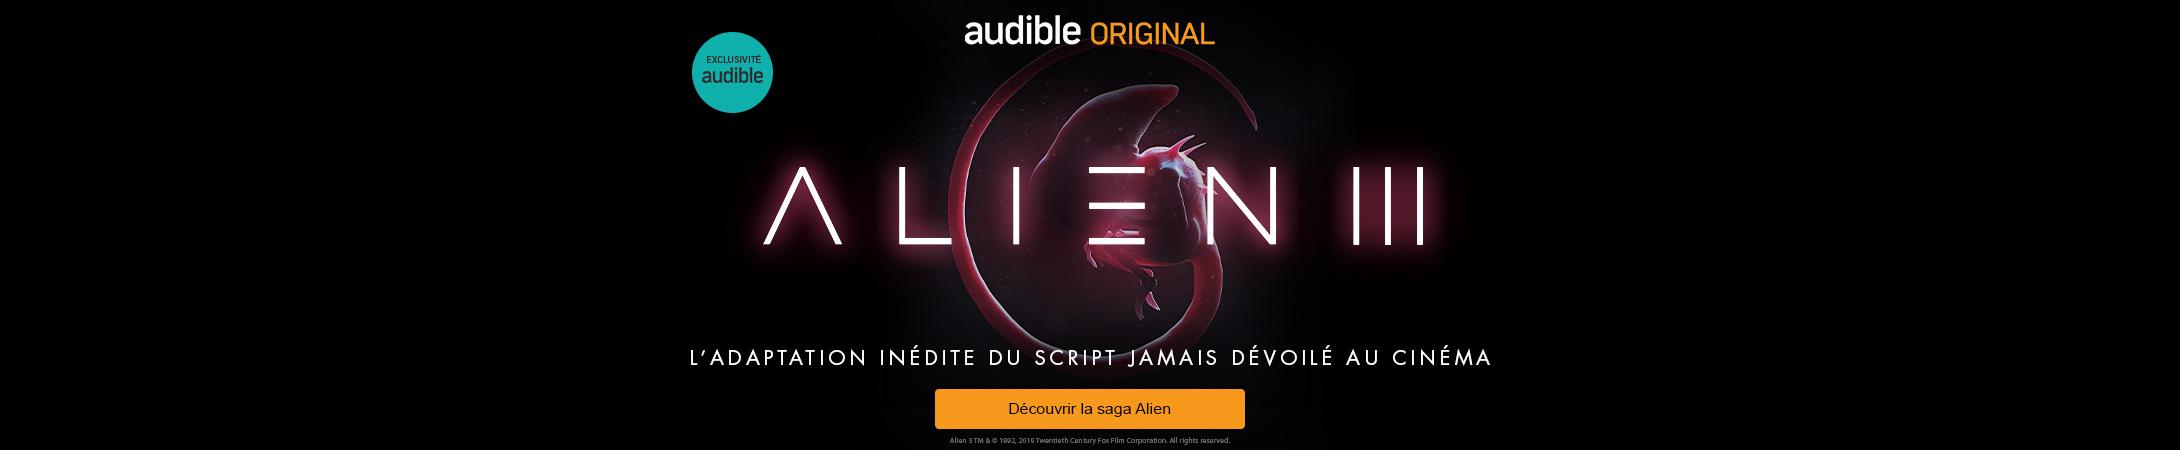 Audible Original : Alien III